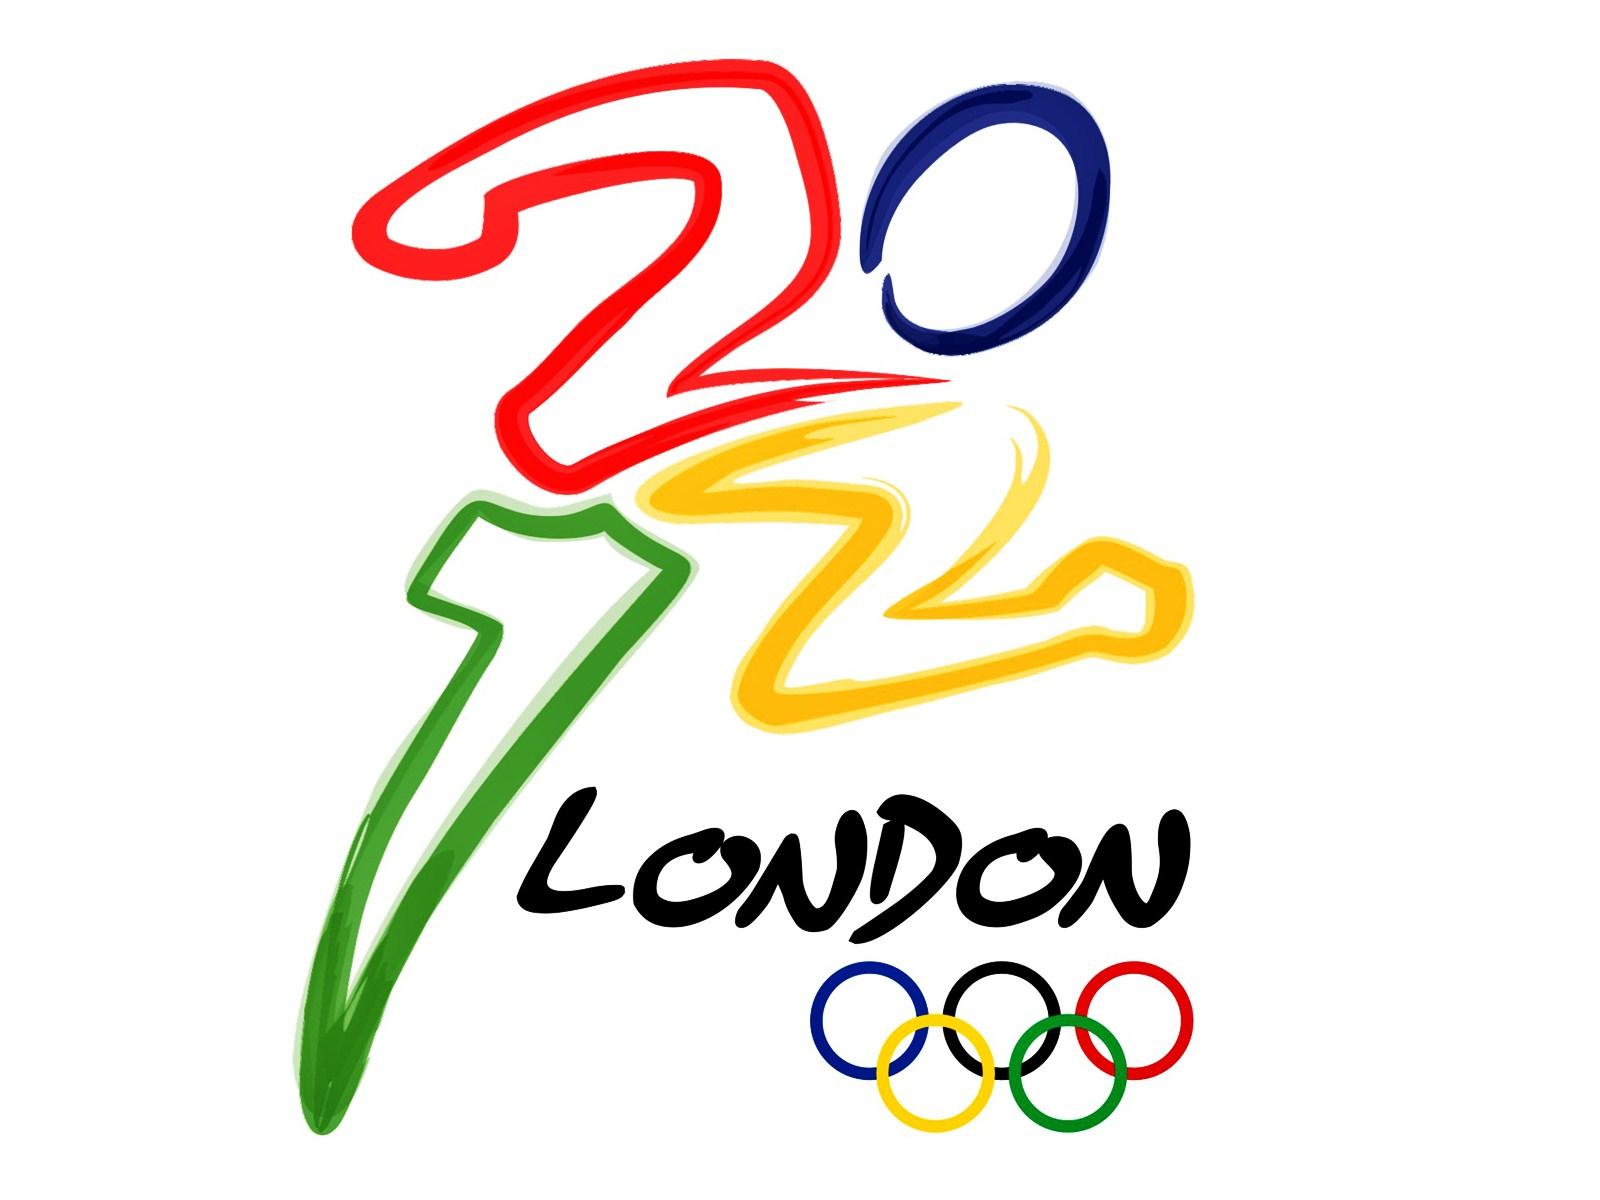 http://3.bp.blogspot.com/-hA4fjVu_qd4/UBj-XLkACDI/AAAAAAAADMI/a1ME4twgHzU/s1600/olimpiade+london+2012.jpg